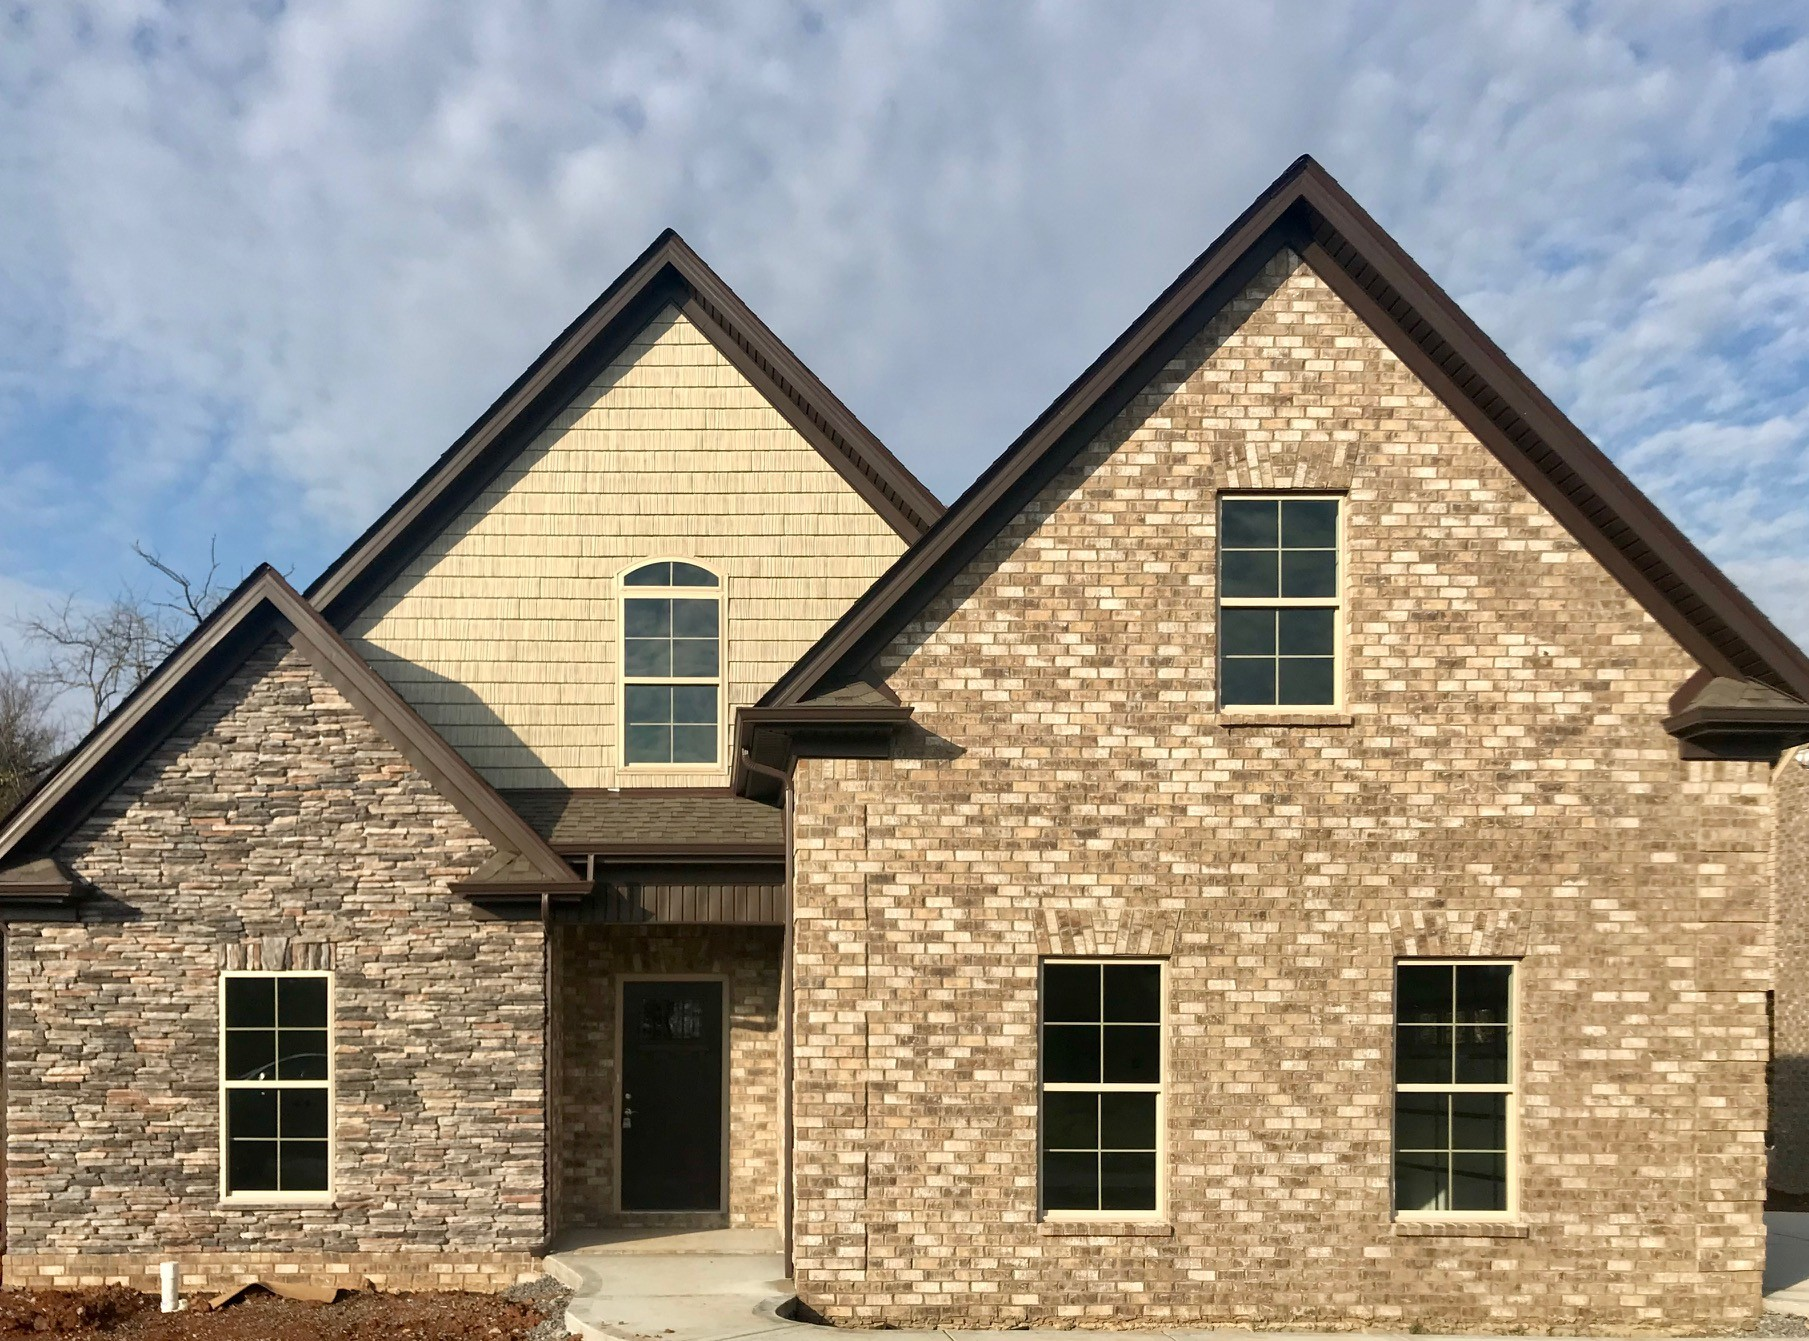 5322 Honeybee Dr, Murfreesboro, TN 37129 - Murfreesboro, TN real estate listing